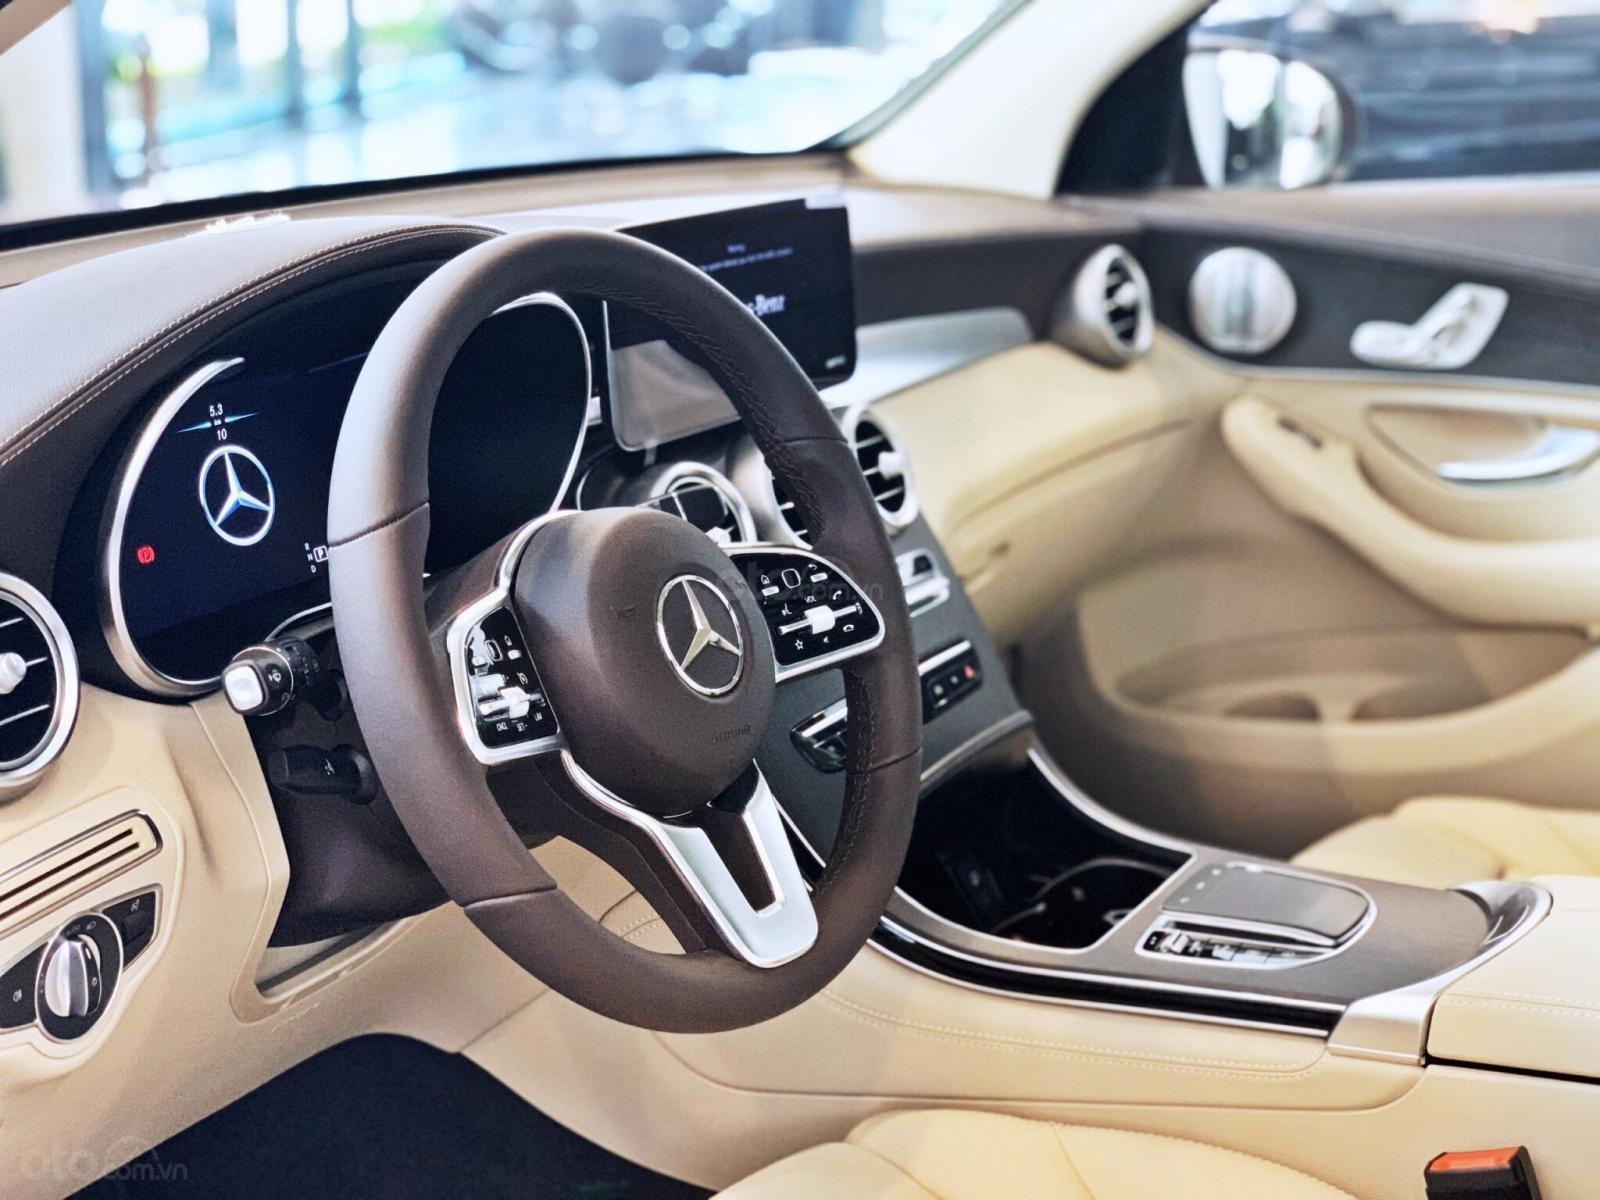 Bán Mercedes-Benz Glc 300 4 matic, quà tặng lên đến 200 tr tiền mặt, giá ưu đãi nhất HN (8)